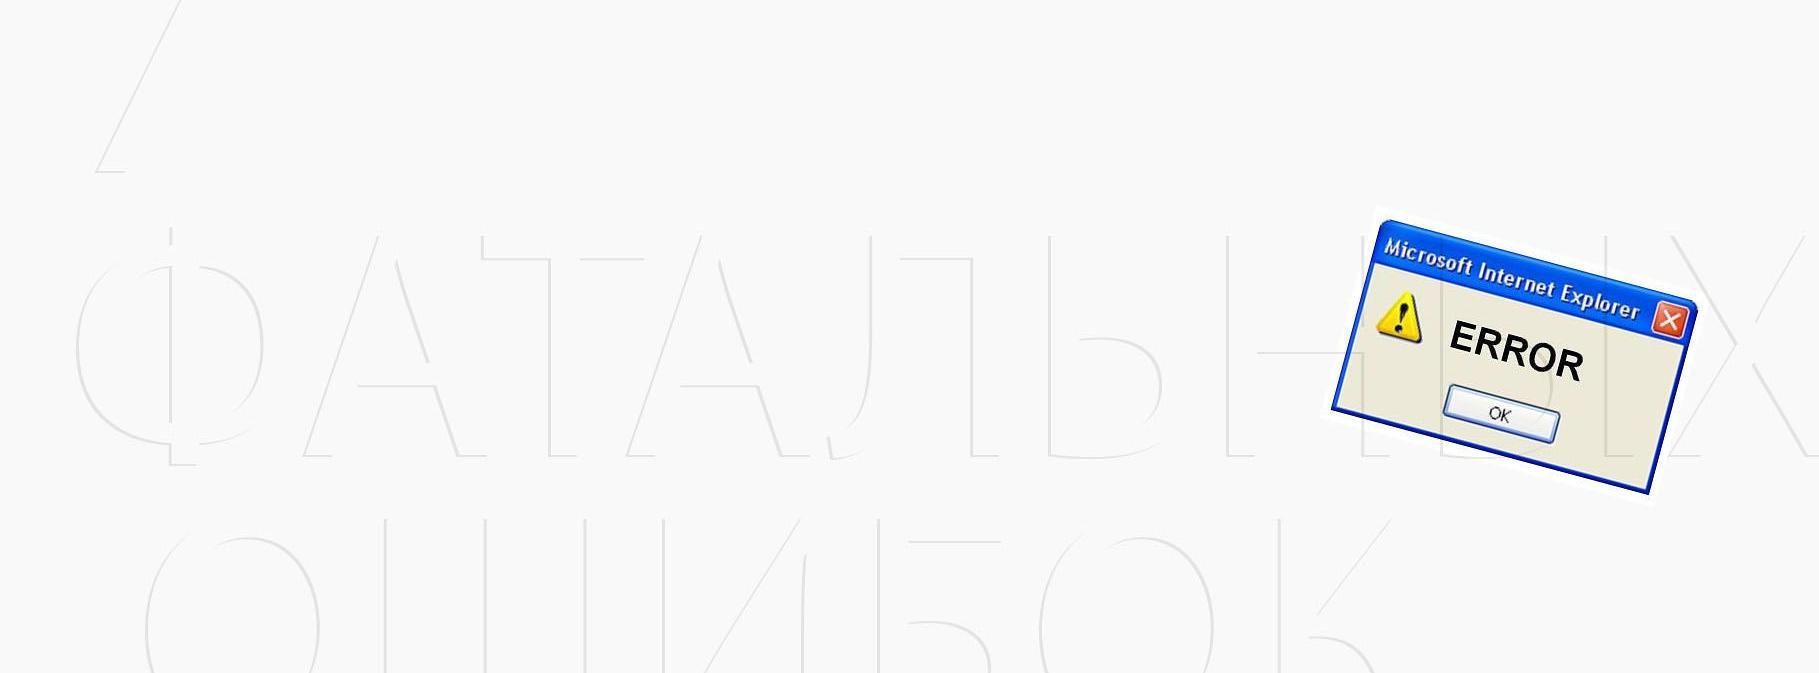 Стартап-эпикфейл: 7 фатальных ошибок бизнесов при запуске